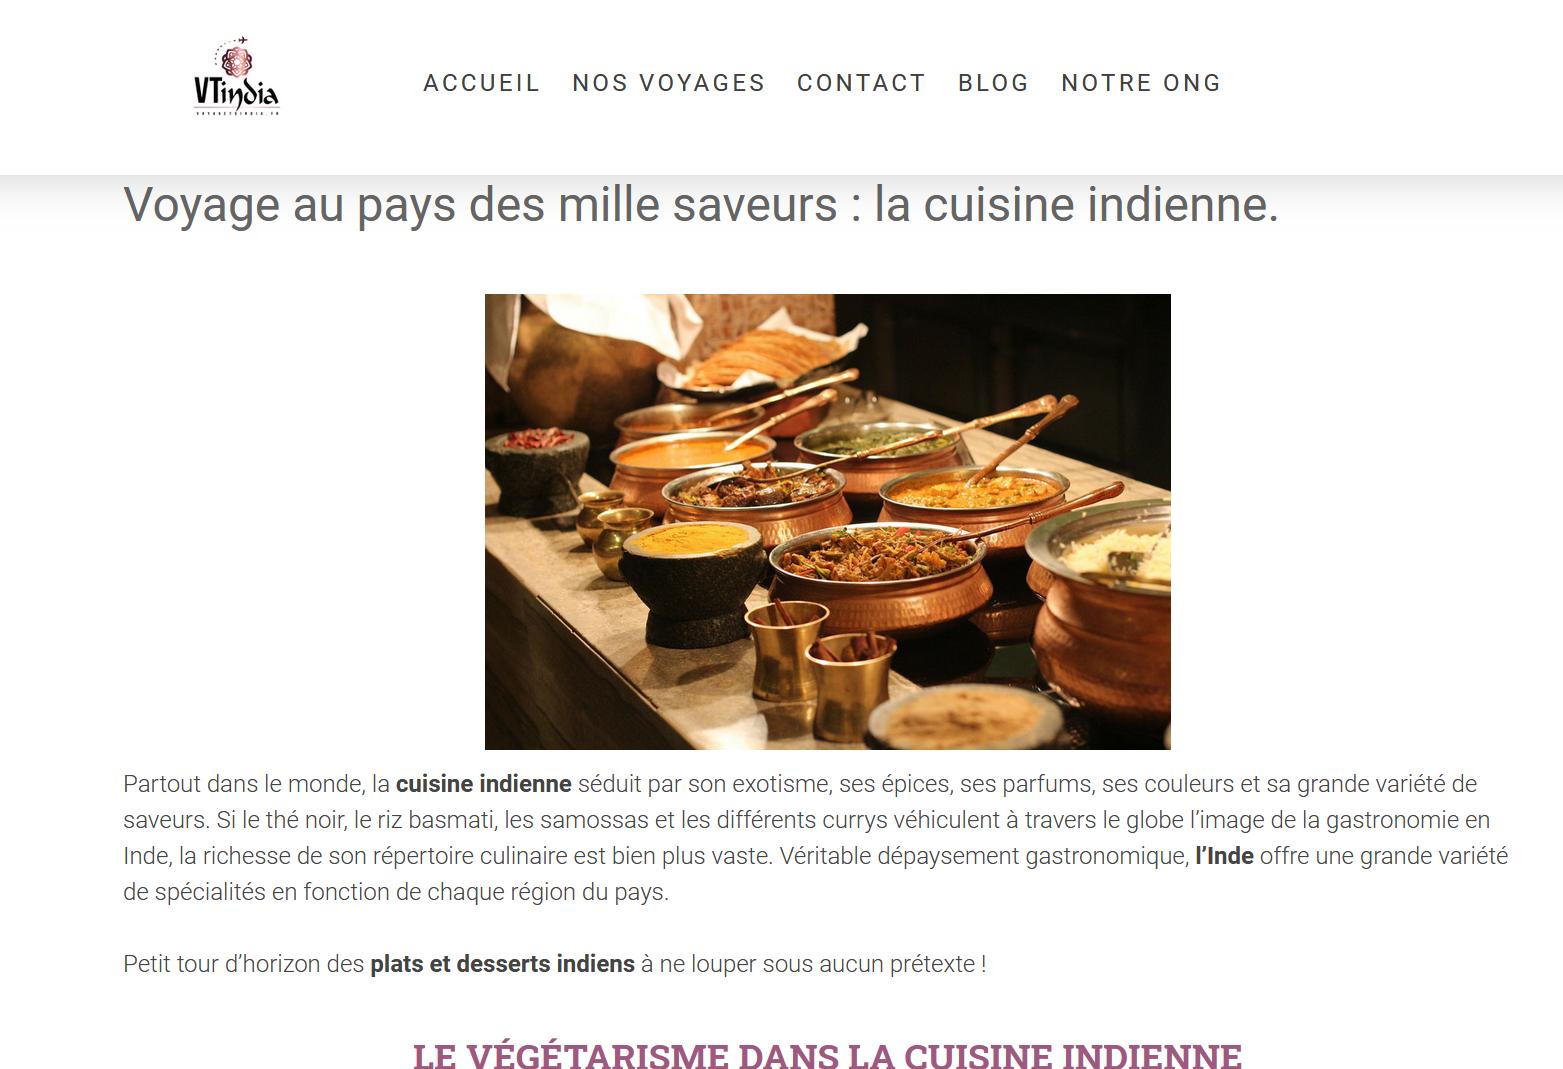 article de blog sur la cuisine indienne